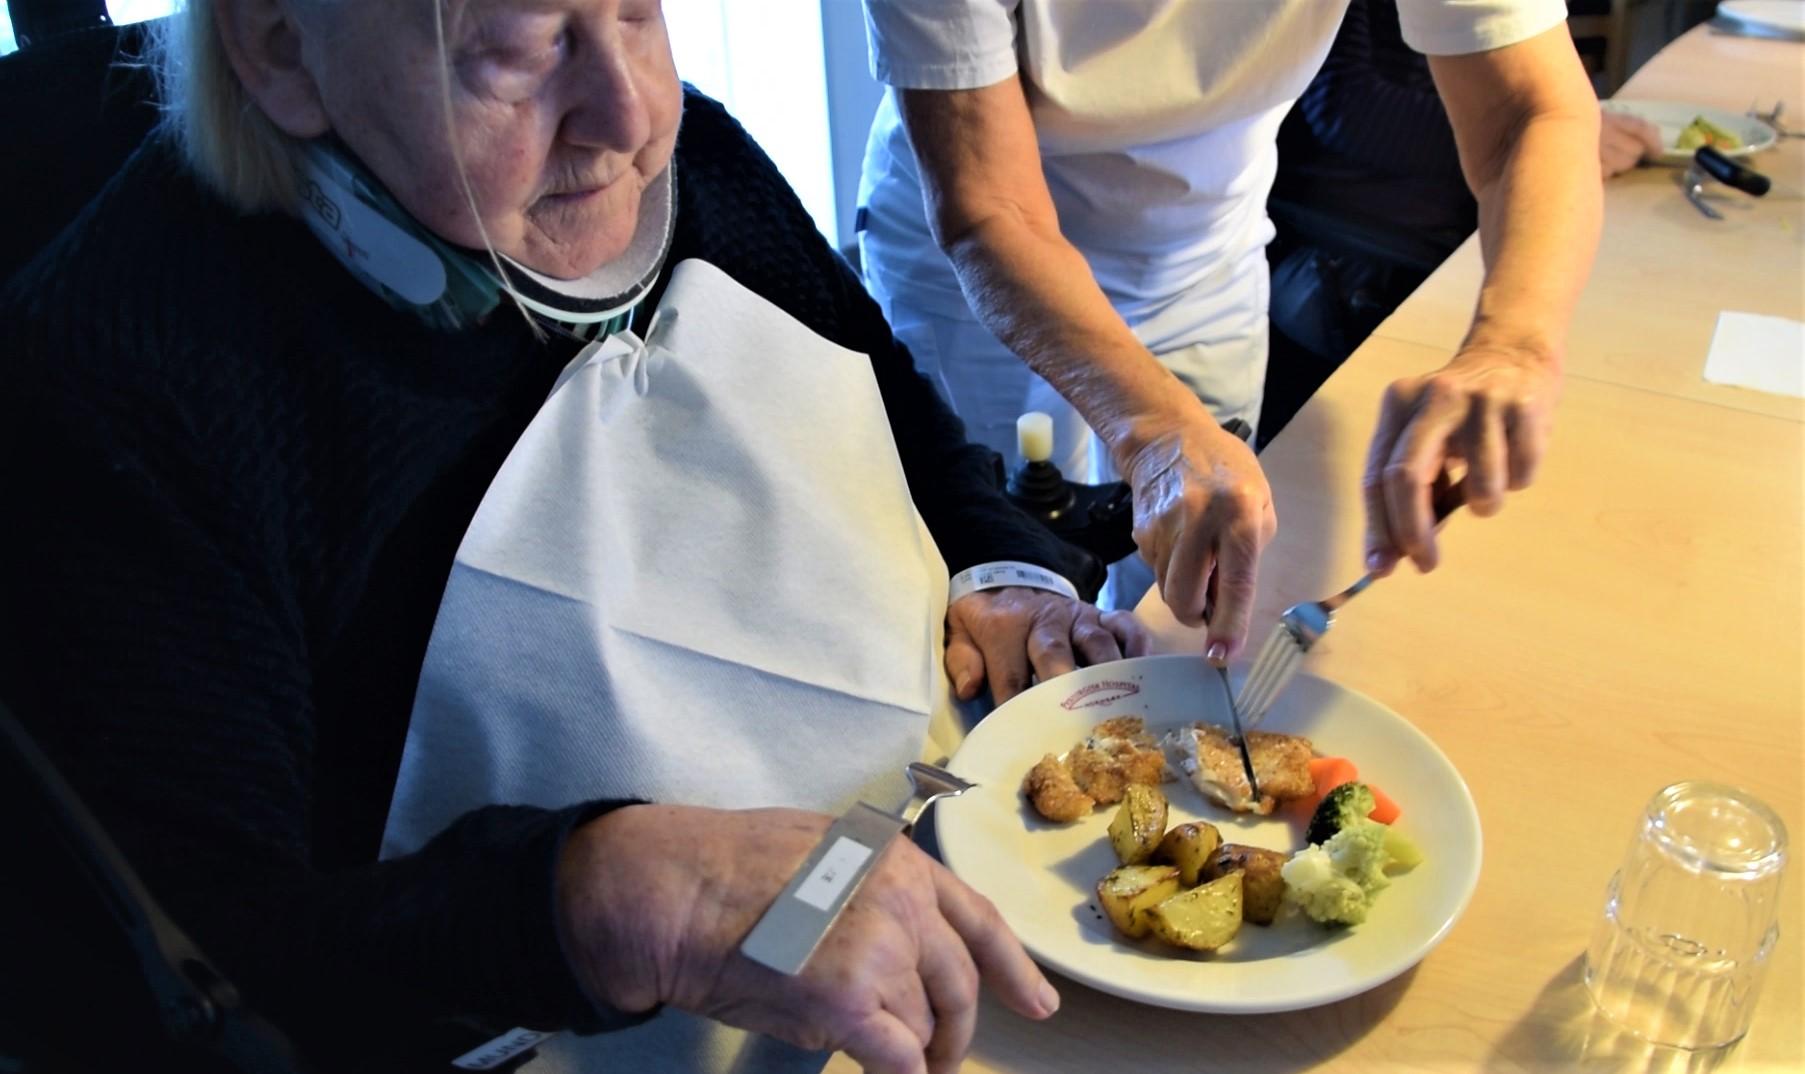 Ergoterapeut Inge Steen skærer Signe Ilsøes mad i mindre stykker, giver hende en speciallavet ske og justerer hendes siddestilling. Justeringer, der er vigtige for, at hun kan lykkes med at spise selv med hjælp fra armstøtten.